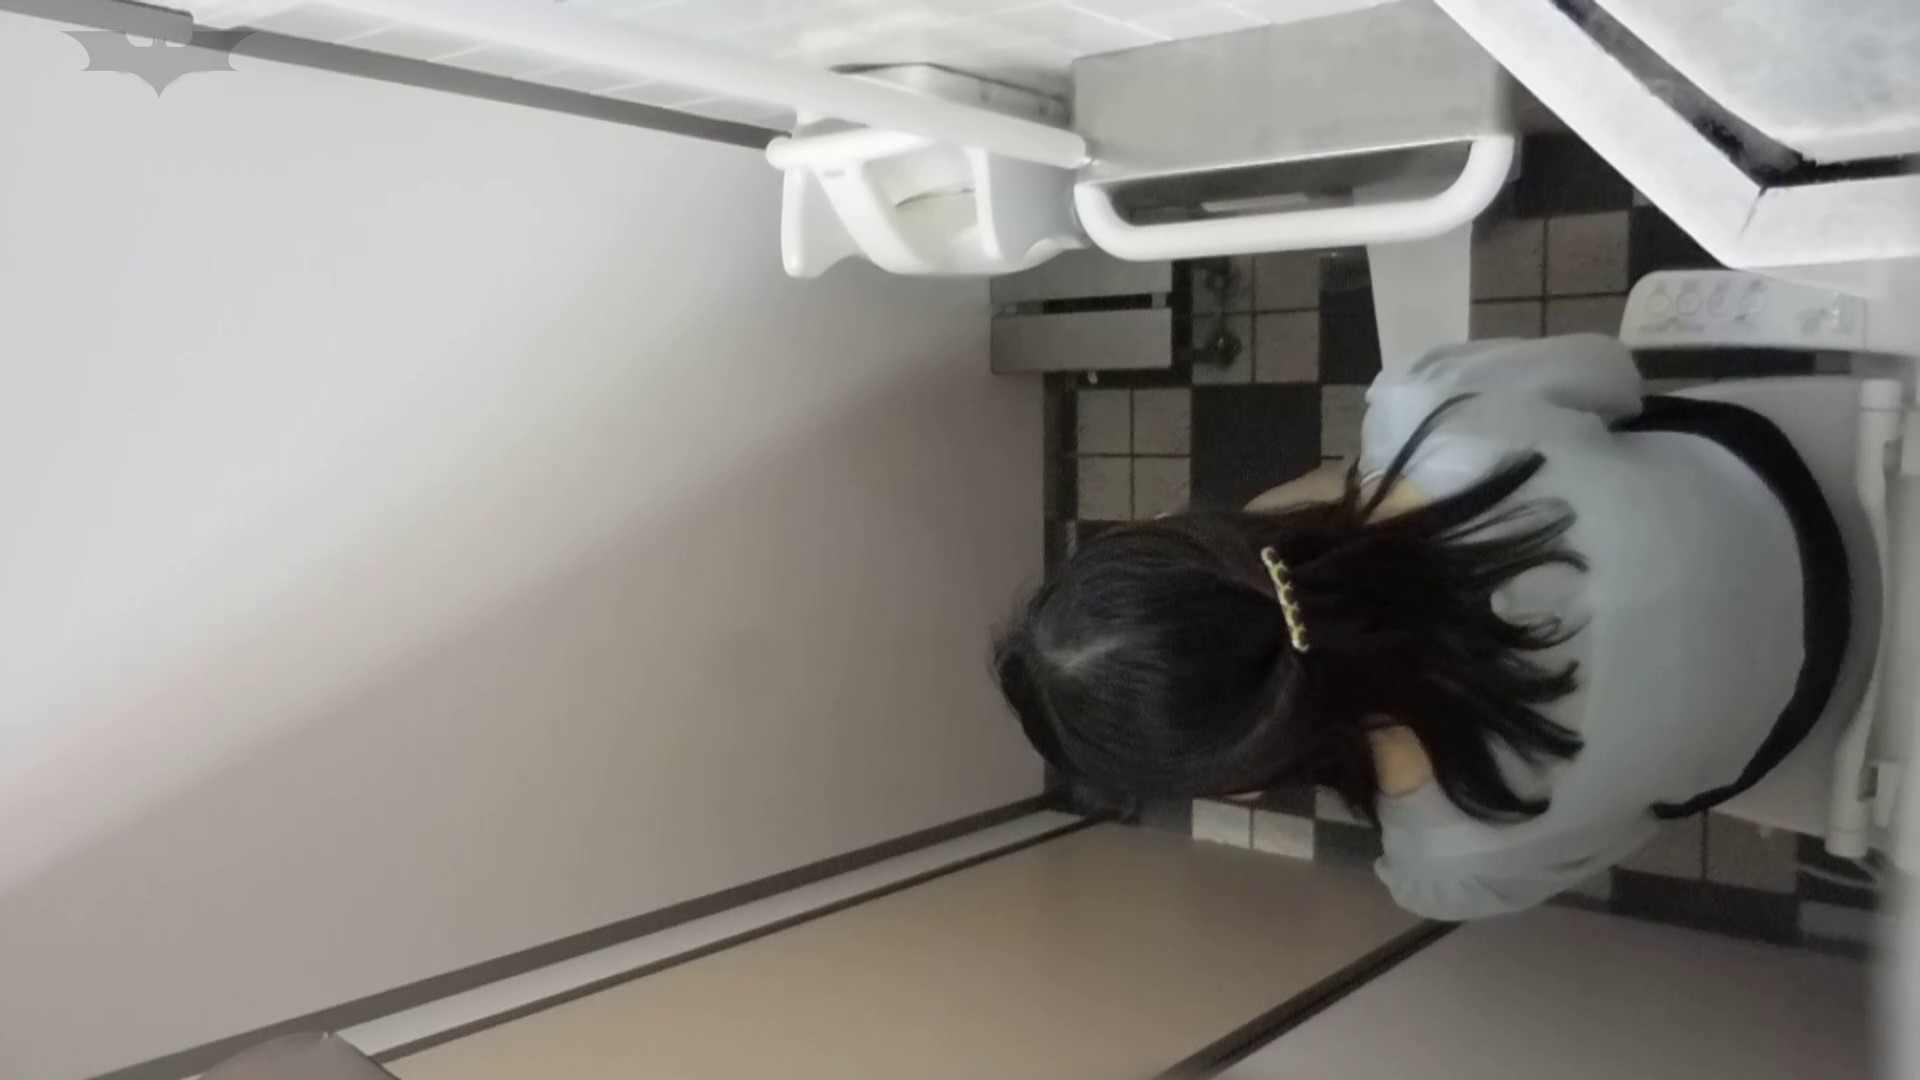 化粧室絵巻 駅舎編 VOL.21 ヨリドリミドリ!!選びたい放題です。 洗面所シーン | ギャルズ  105画像 41